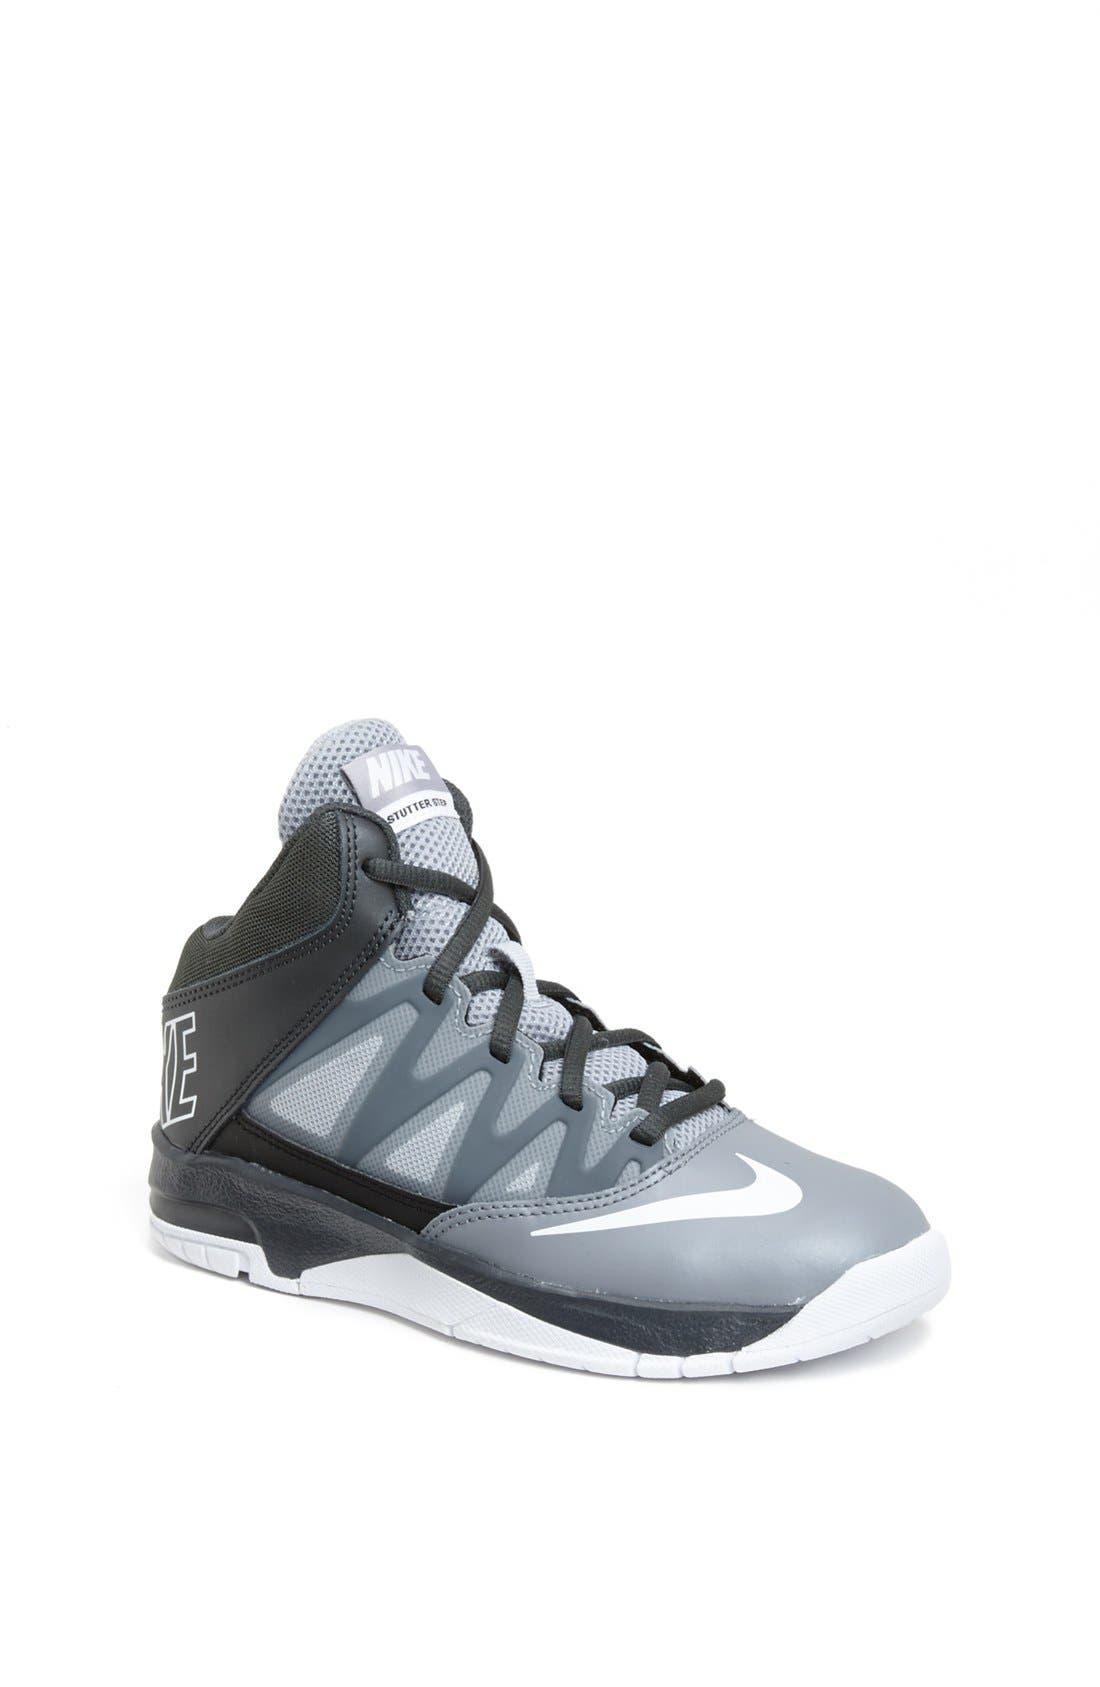 Alternate Image 1 Selected - Nike 'Stutter Step' Basketball Shoe (Toddler & Little Kid)